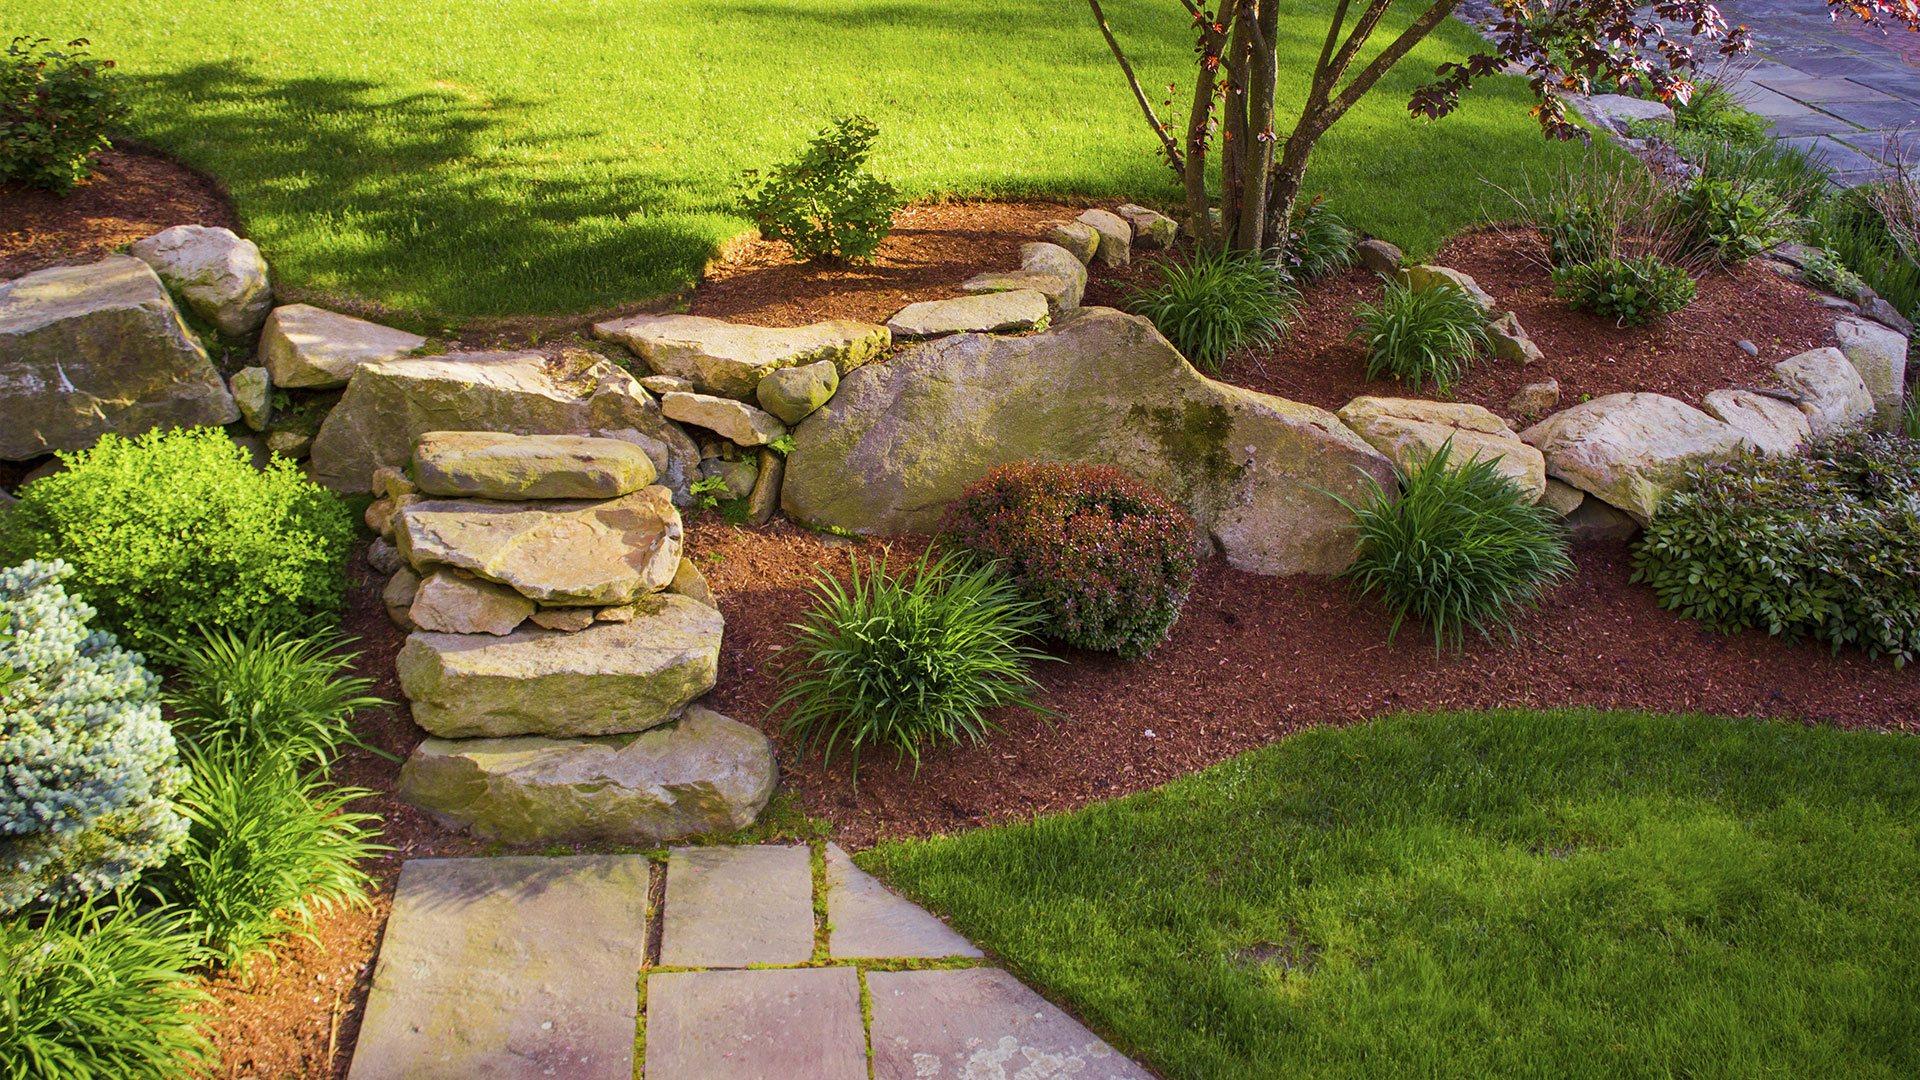 Kingsbury Landscape & Design LLC Landscaping Company, Lawn Service and Landscape Design slide 3